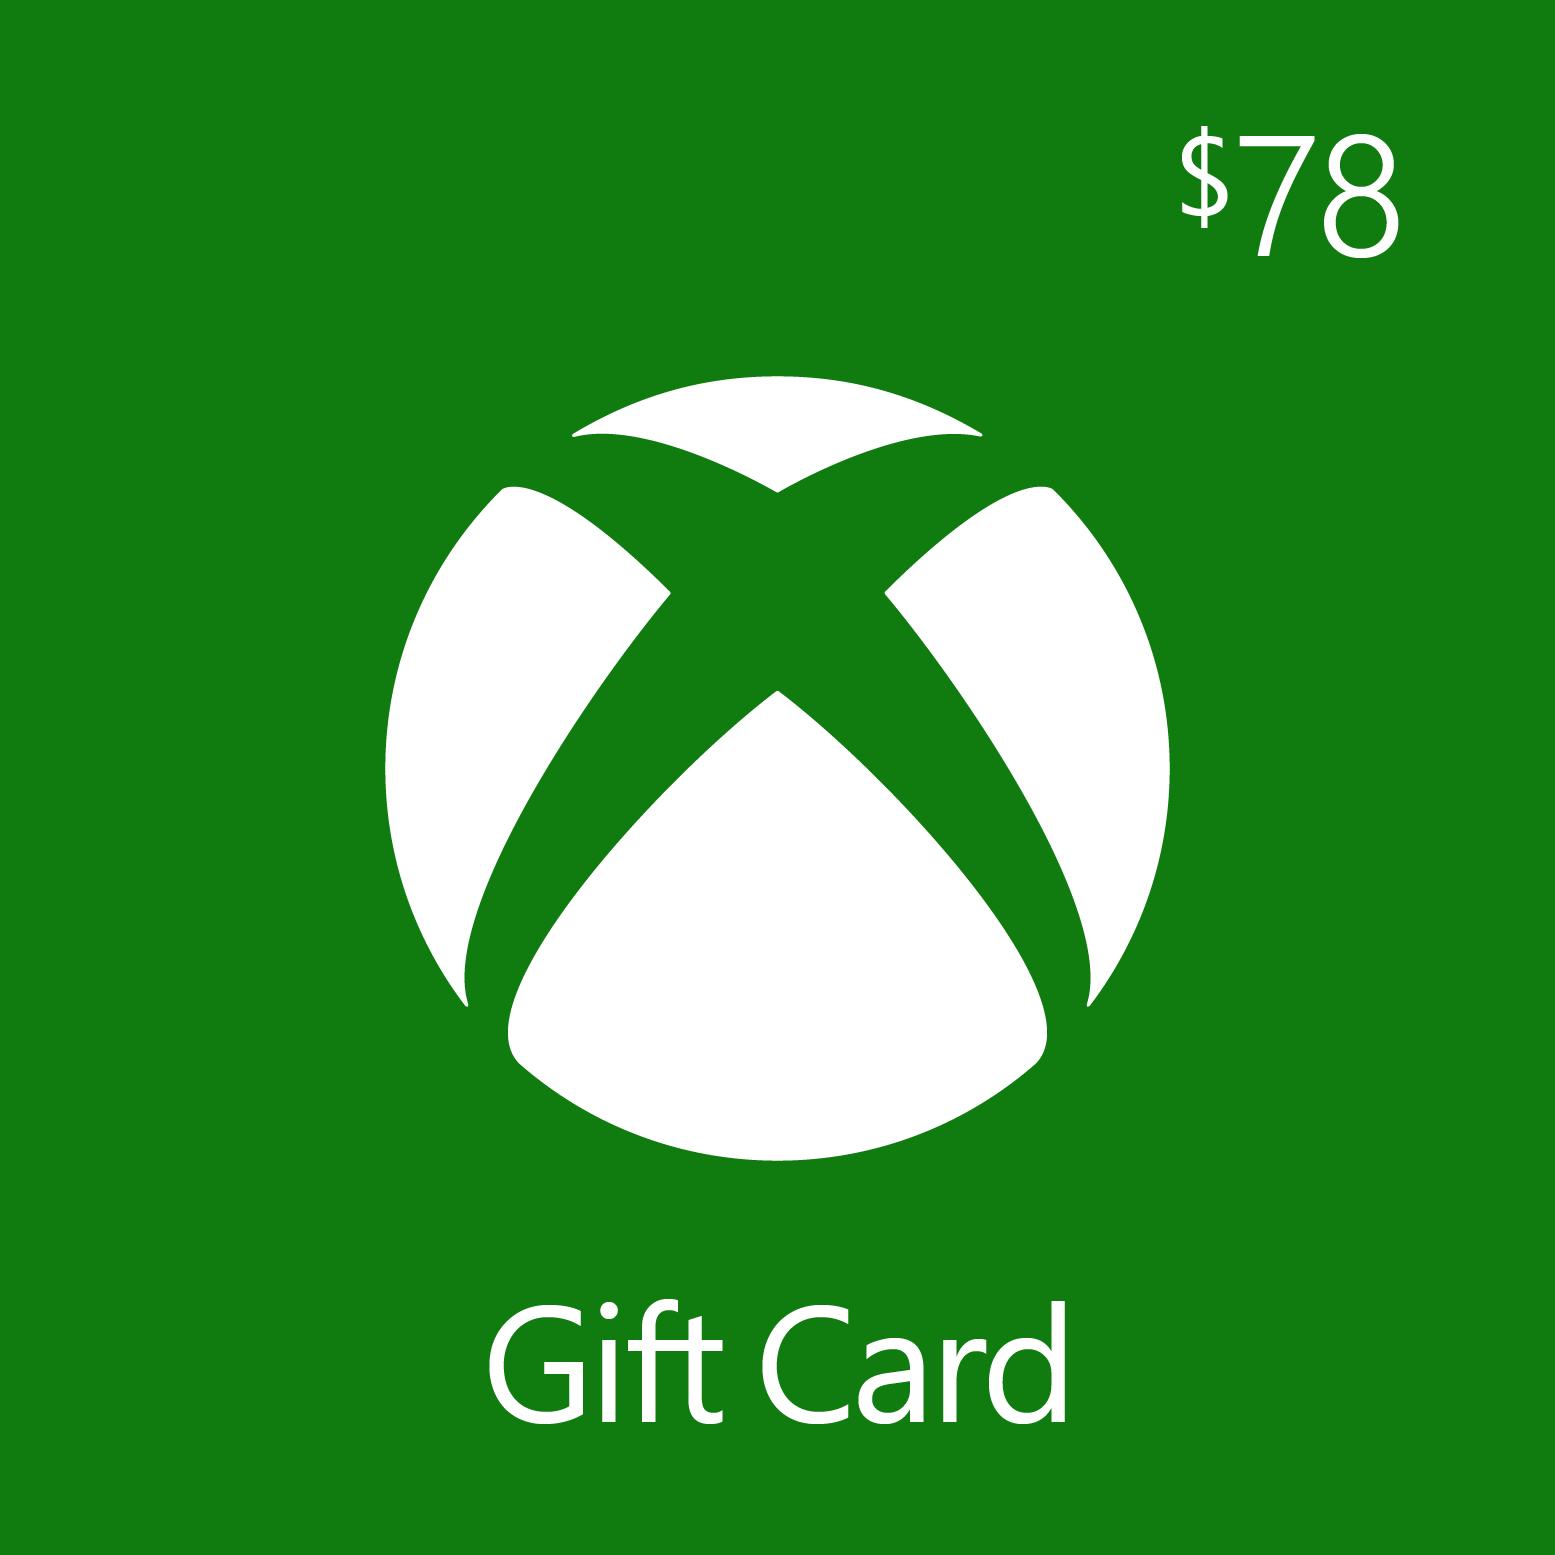 $78.00 Xbox Digital Gift Card